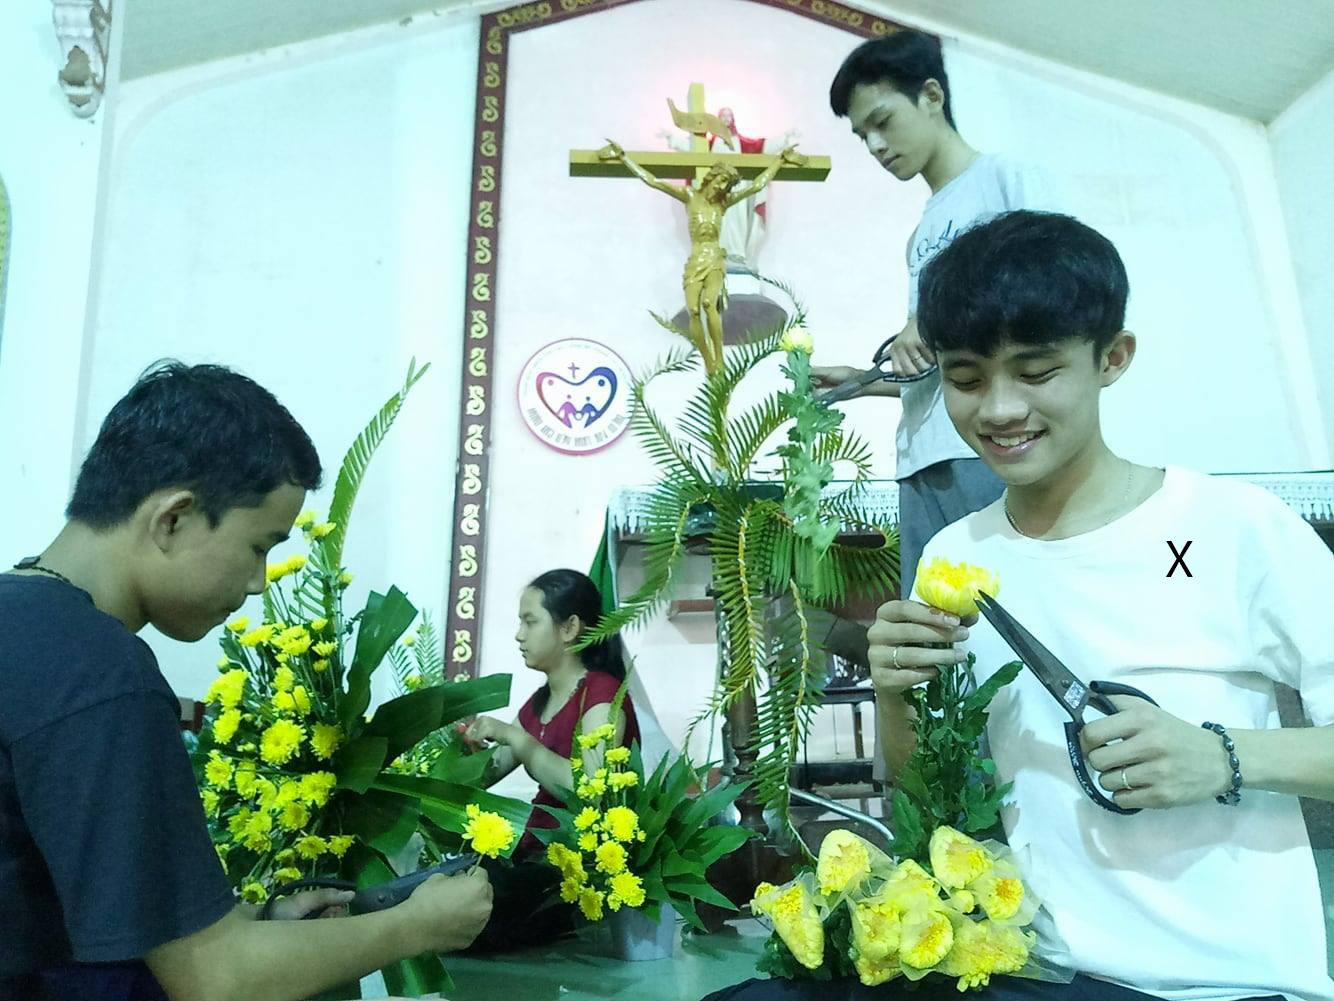 Chuyện của những chàng trai cắm hoa nhà thờ - Ảnh minh hoạ 2